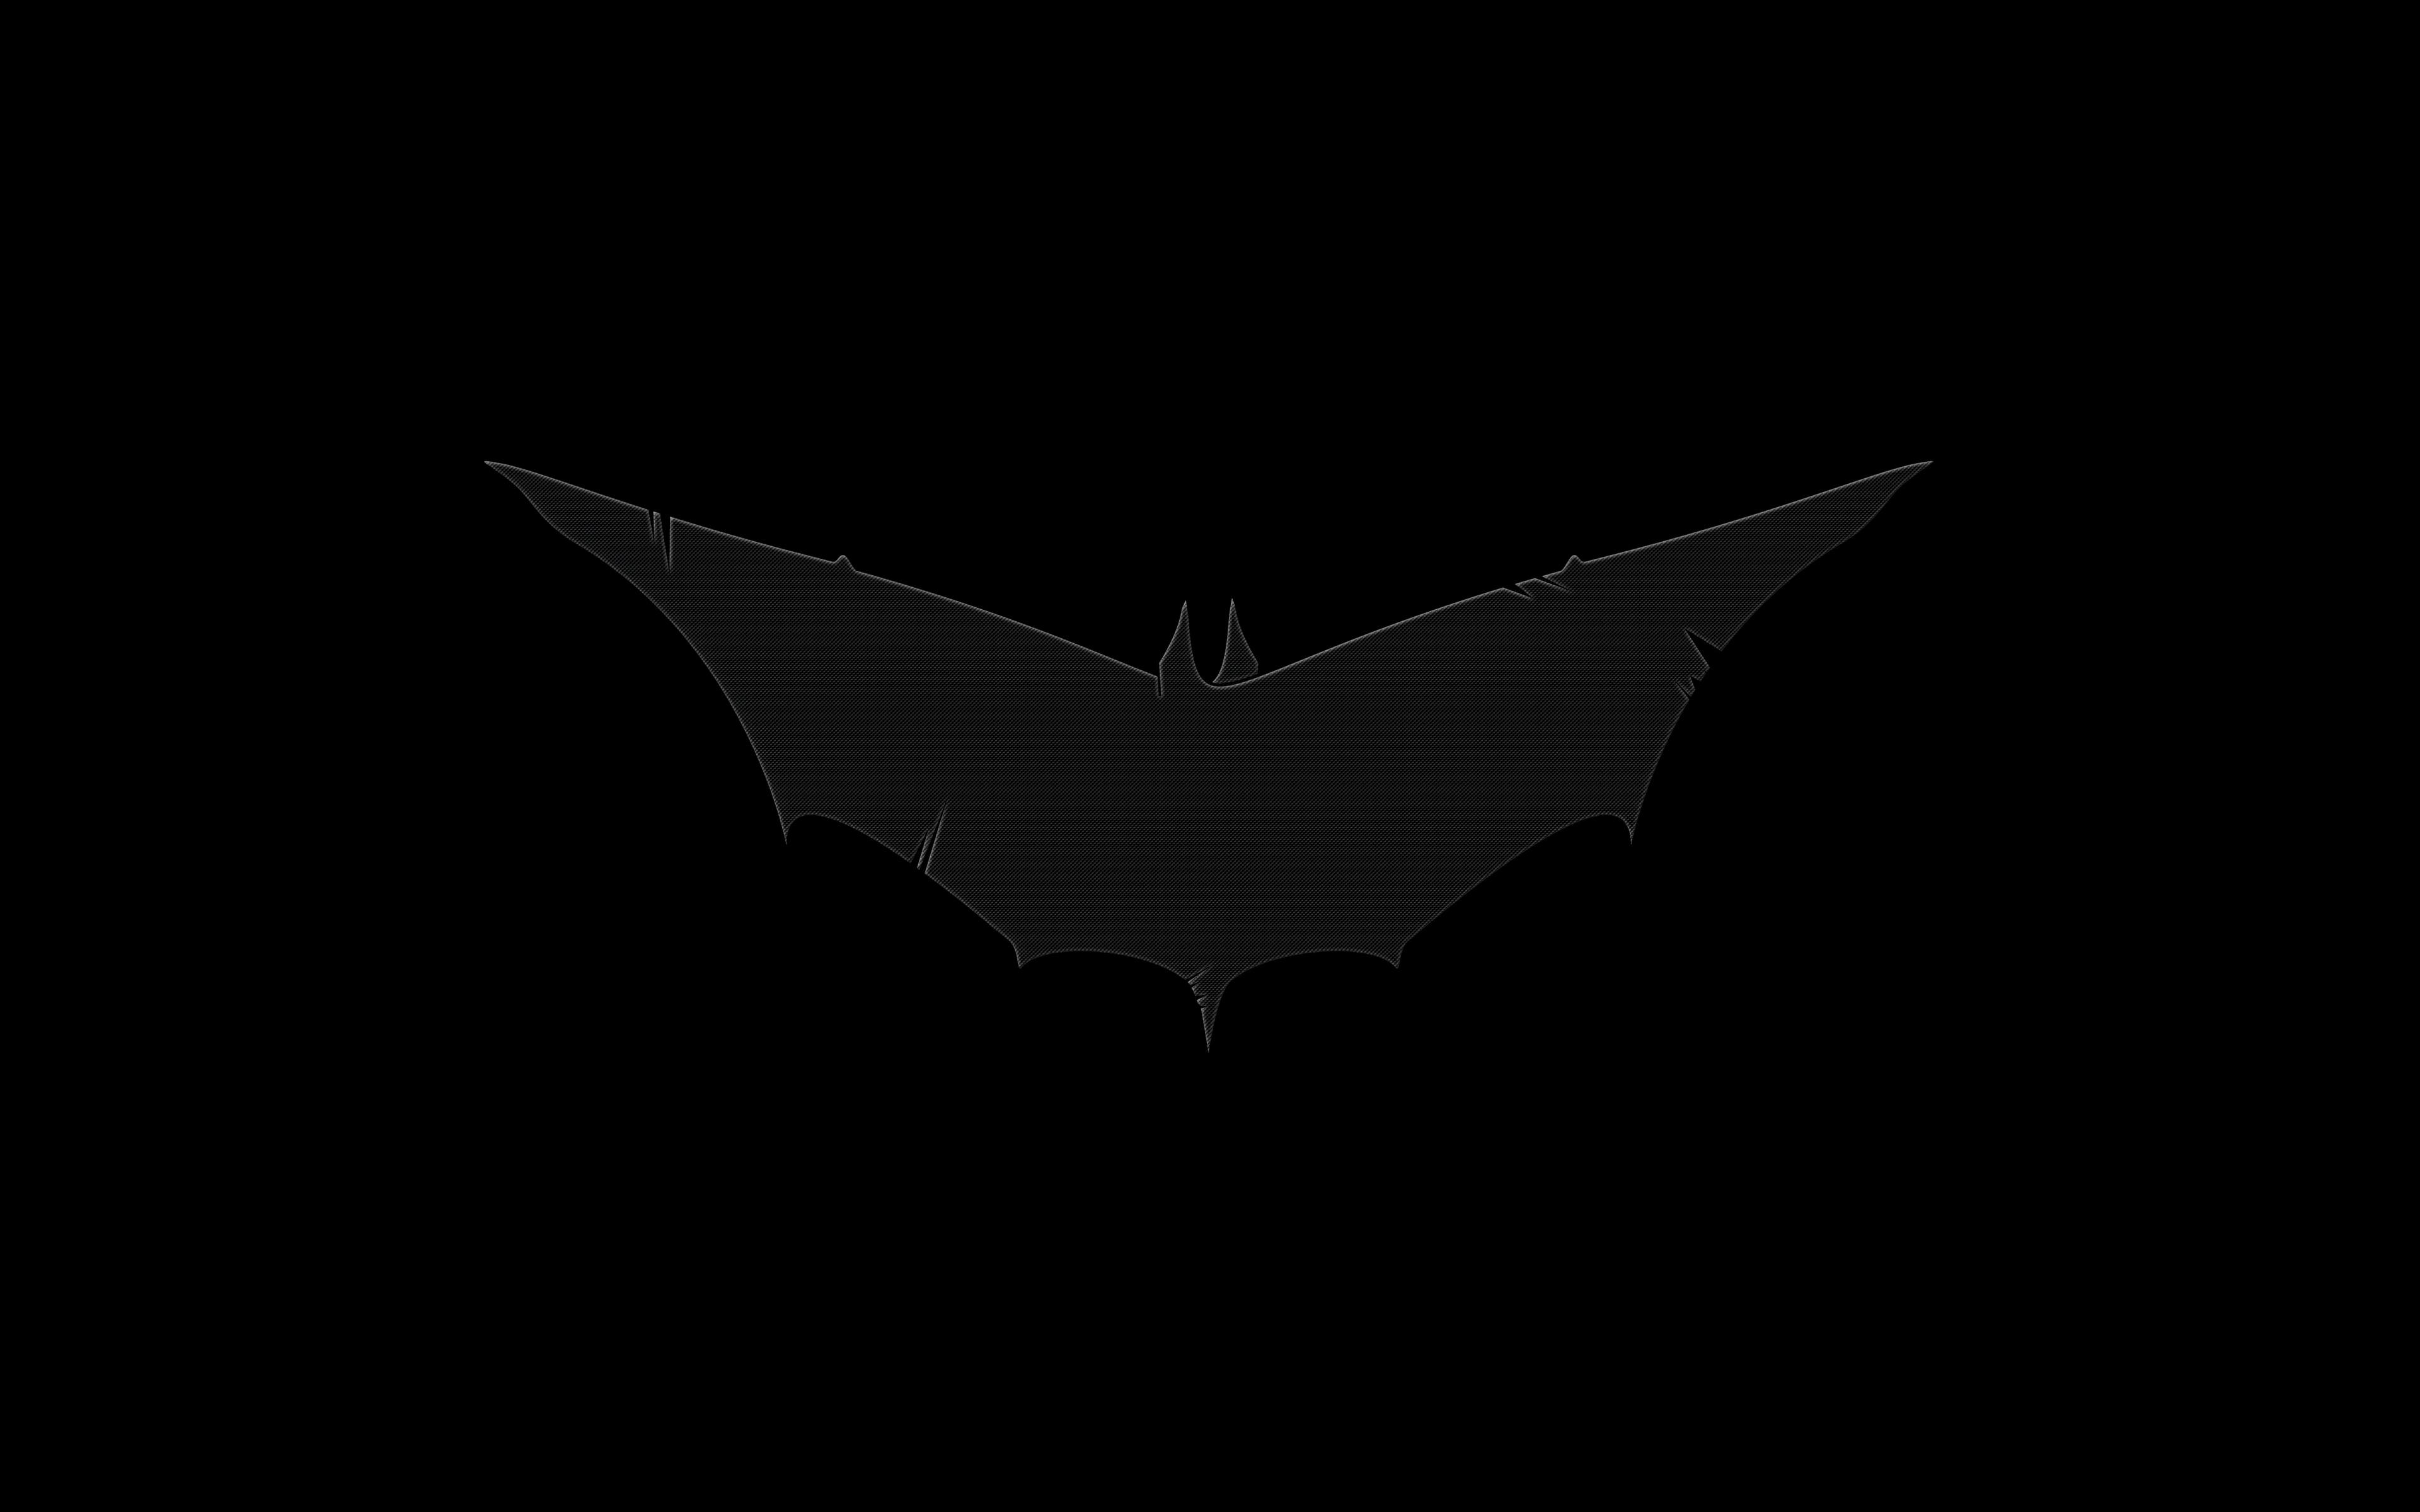 batman-dark-logo-8k-jx.jpg